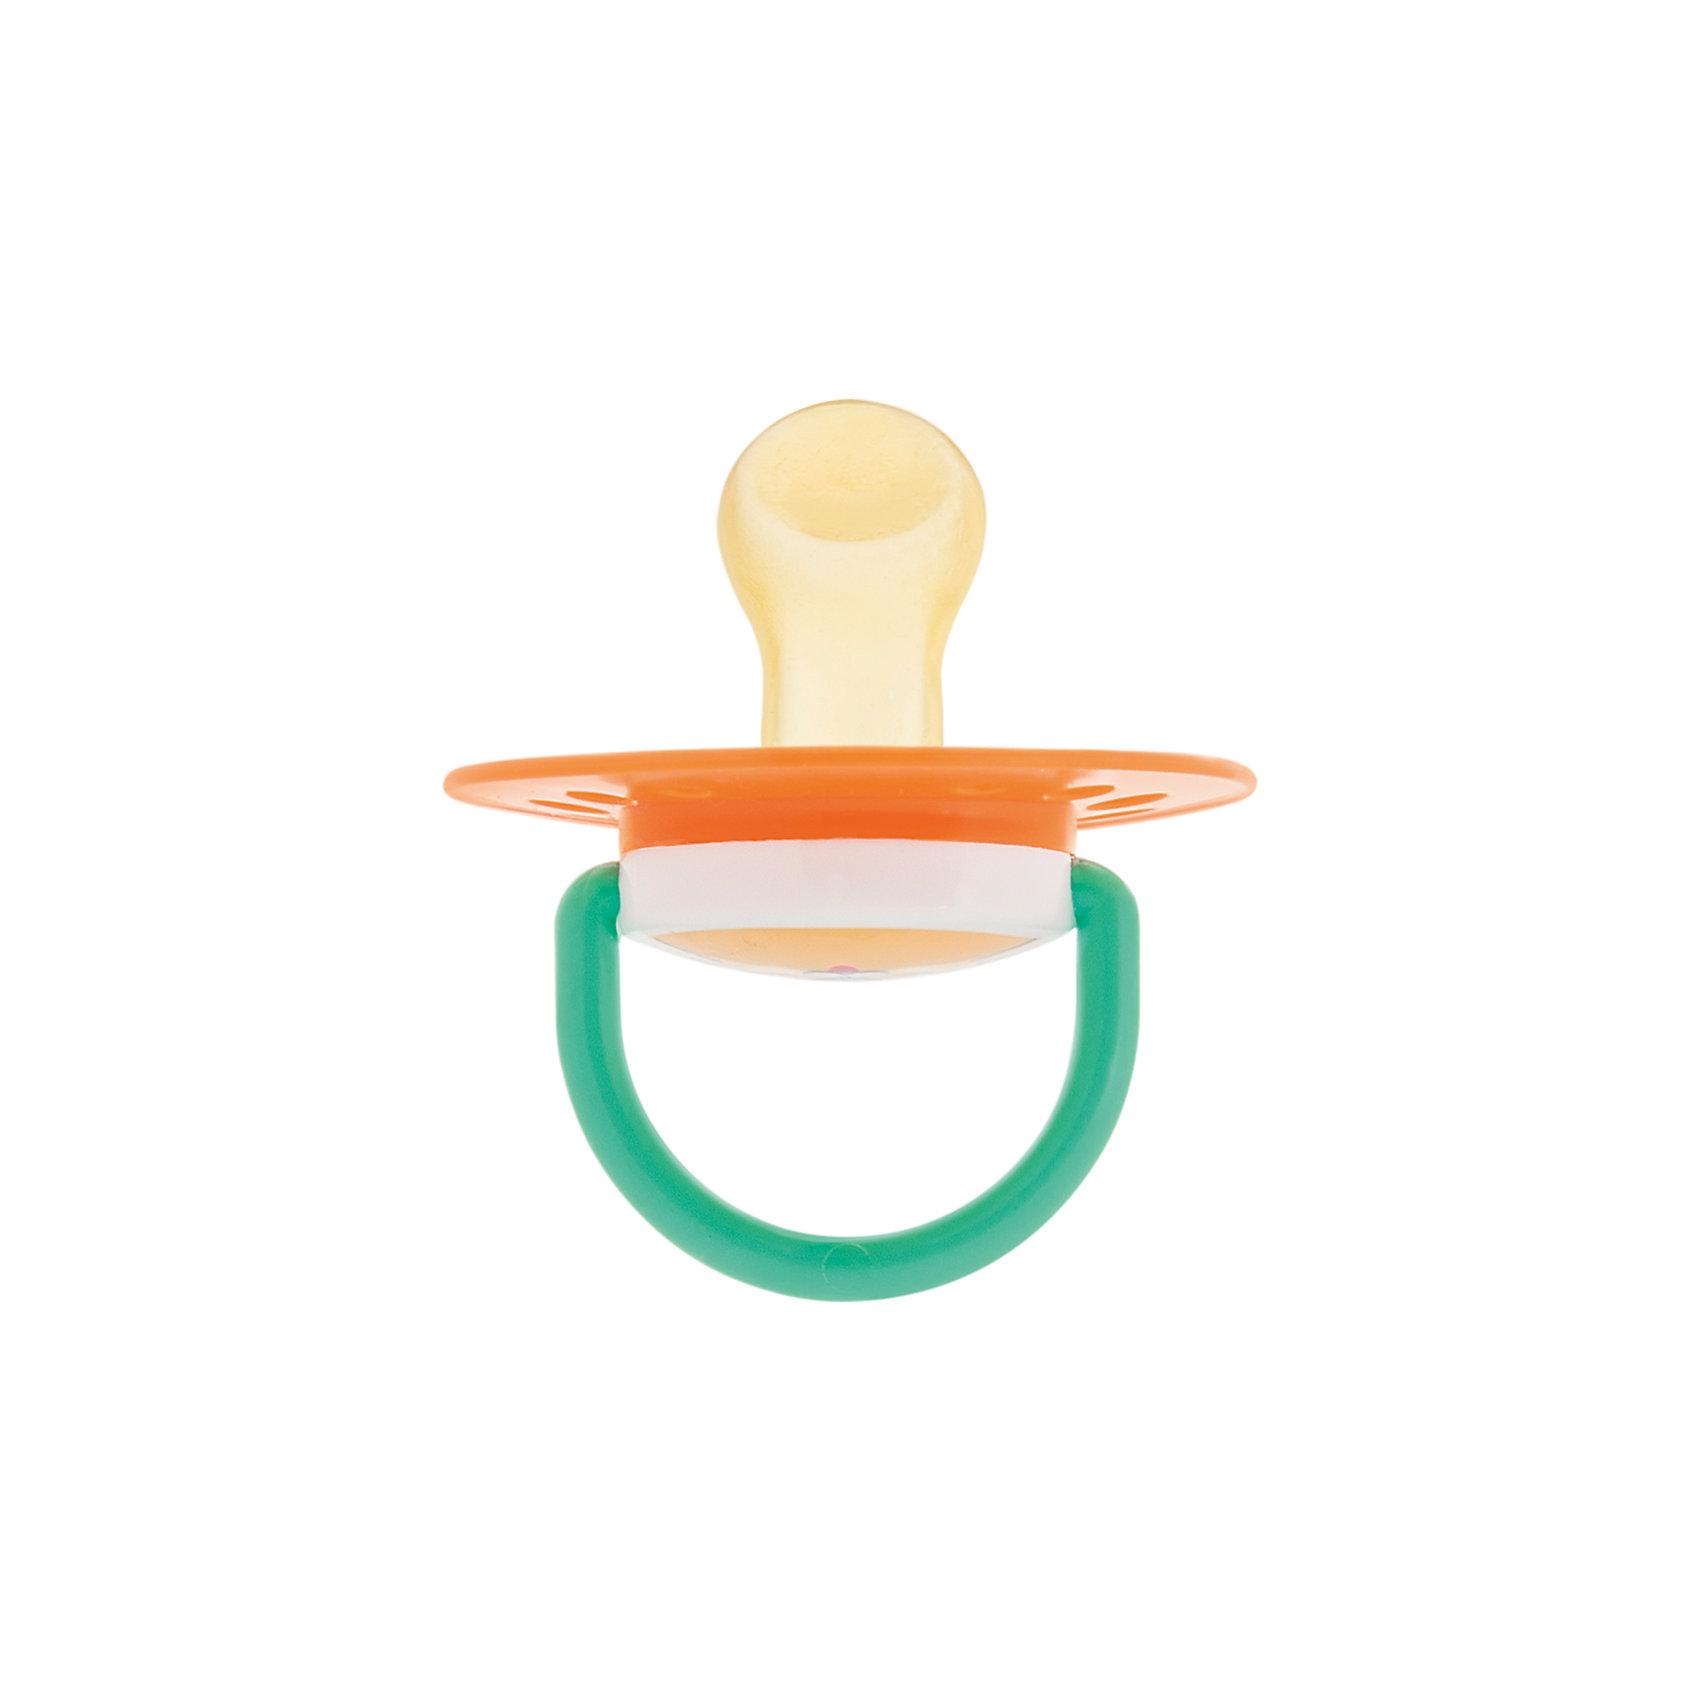 Курносики Пустышка латексная ортодонтическая 0+ Любимчик, Kurnosiki, оранжевый